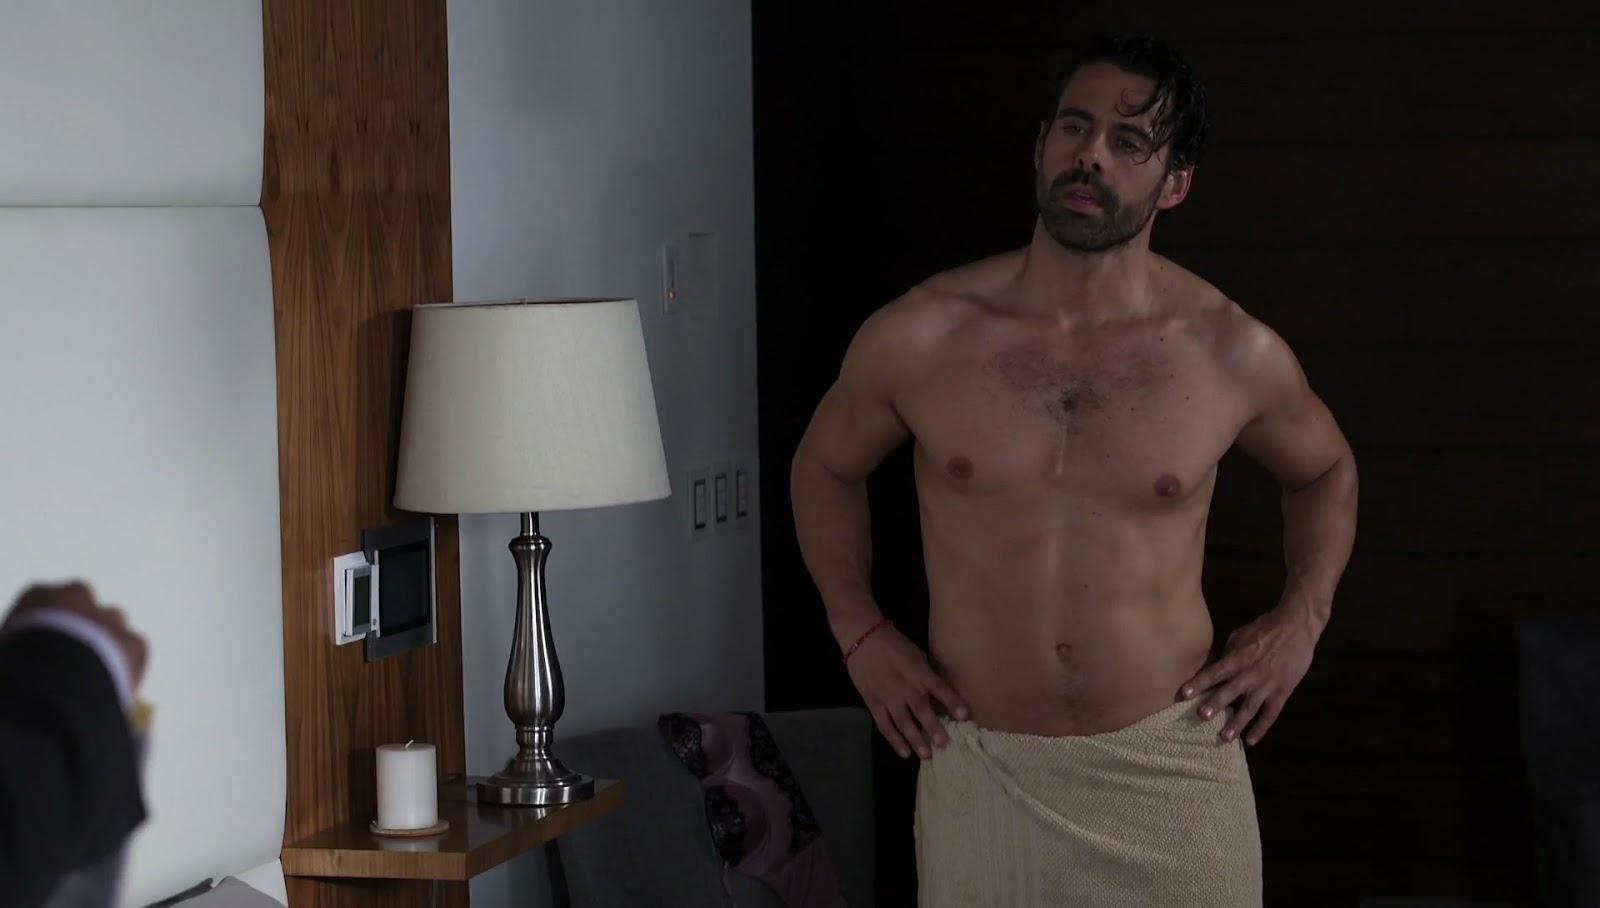 Shirtless Men On The Blog: Emmanuel Esparza Shirtless